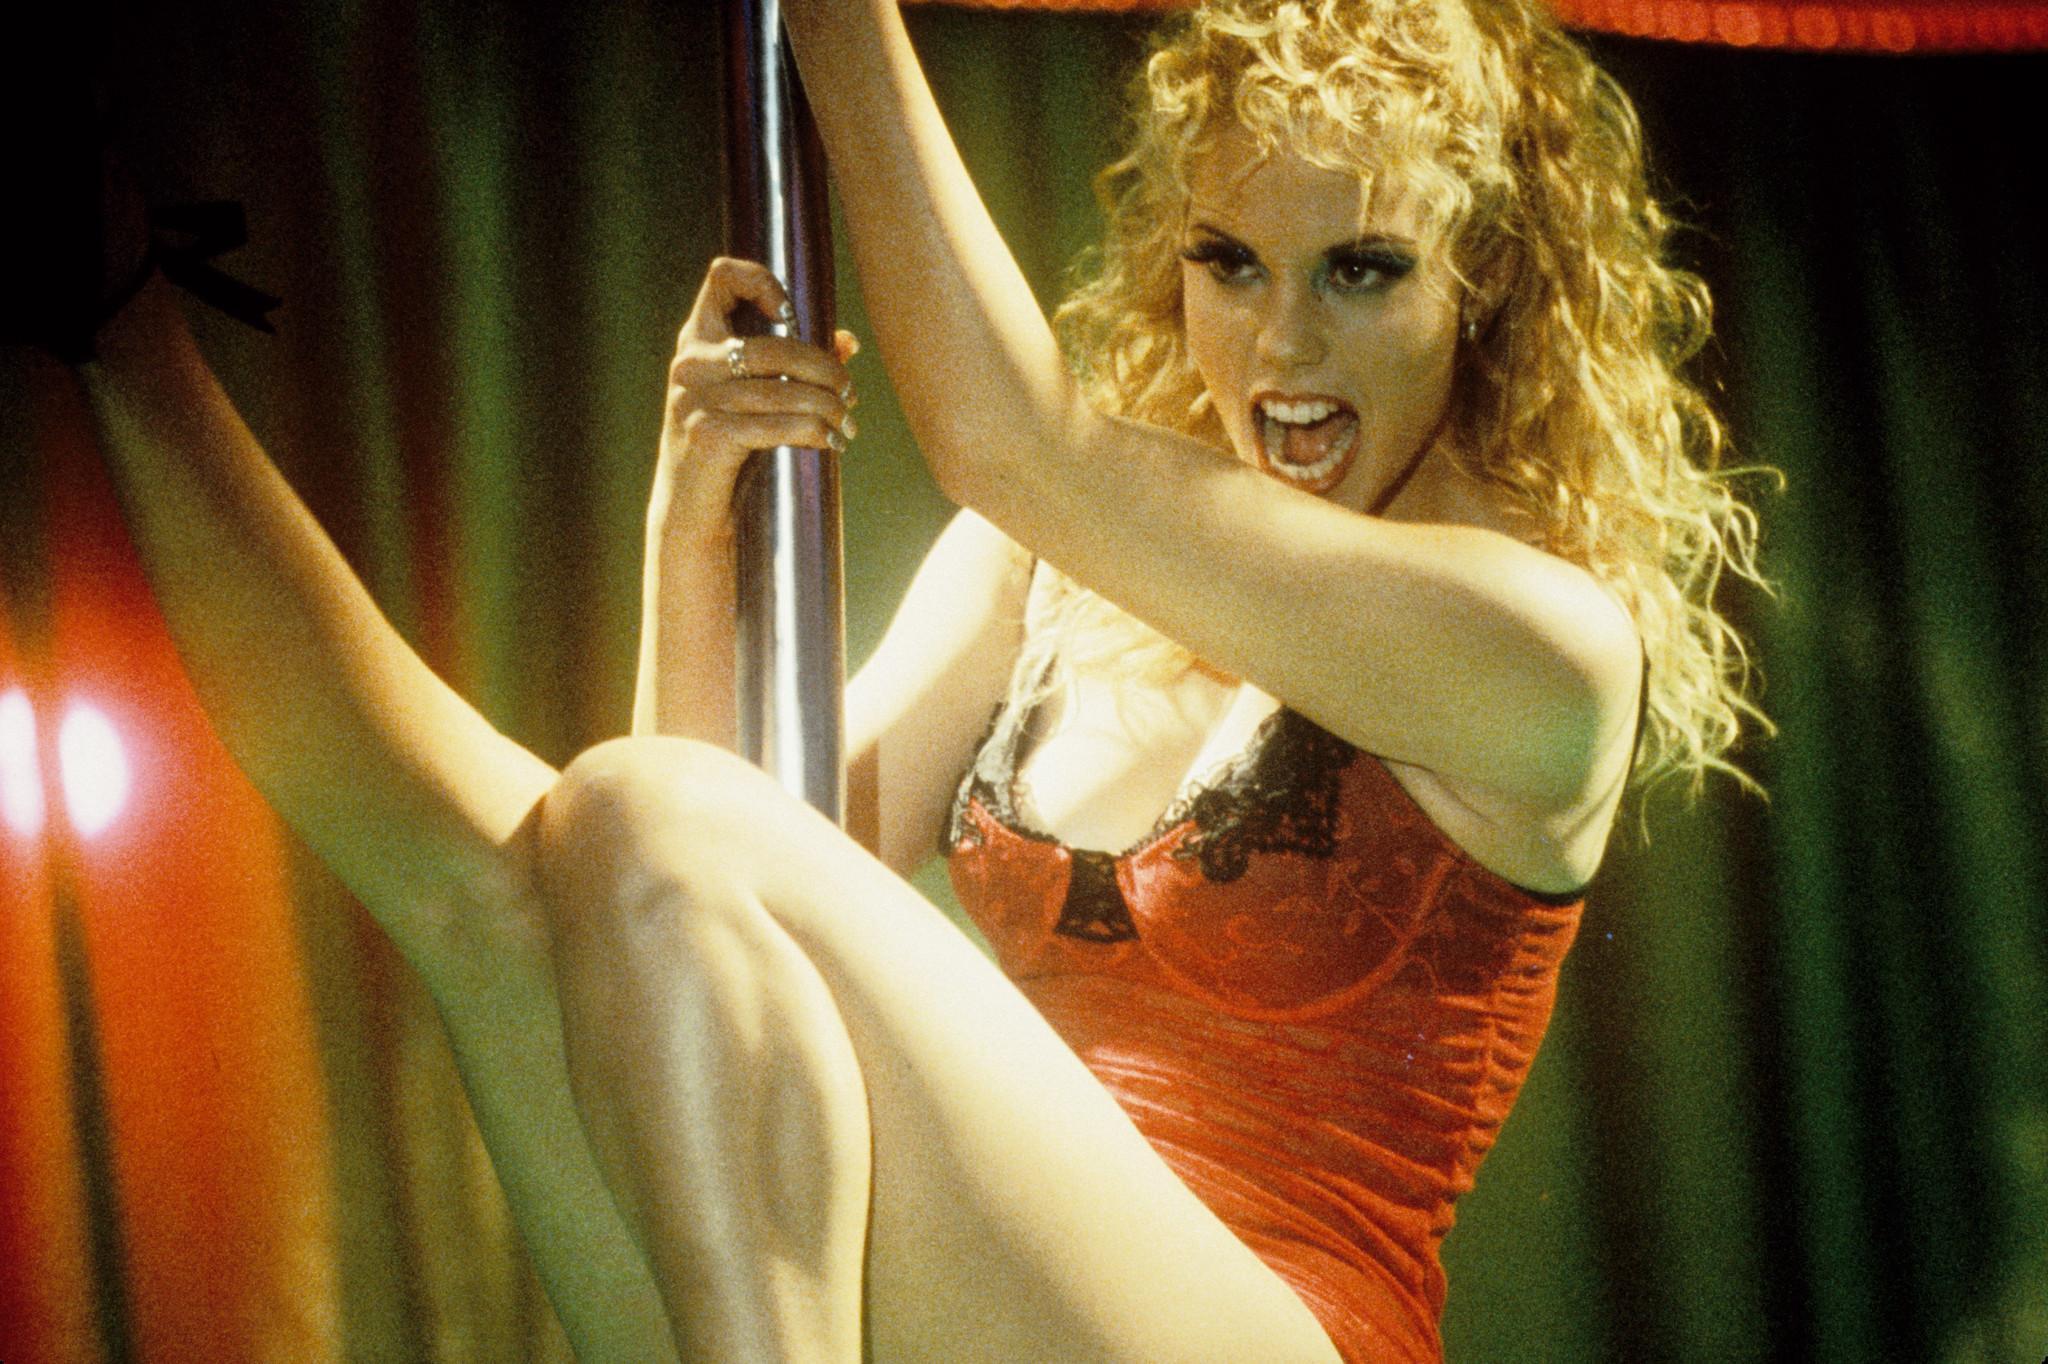 smotret-kino-pro-striptizersh-pravit-video-onlayn